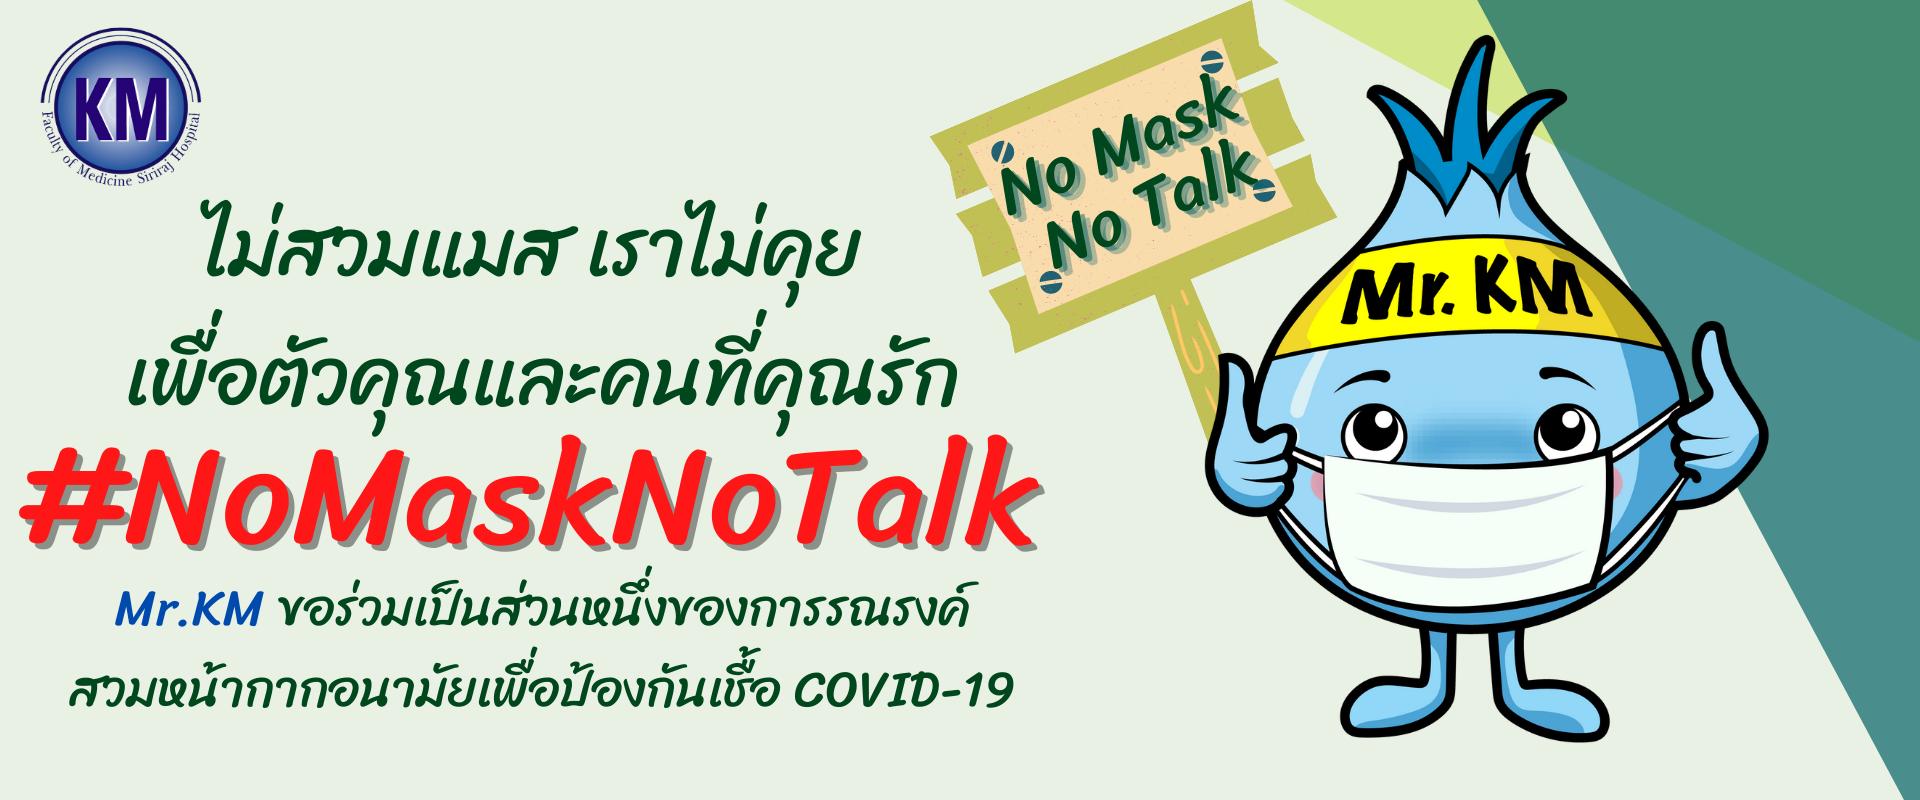 No mask No talk